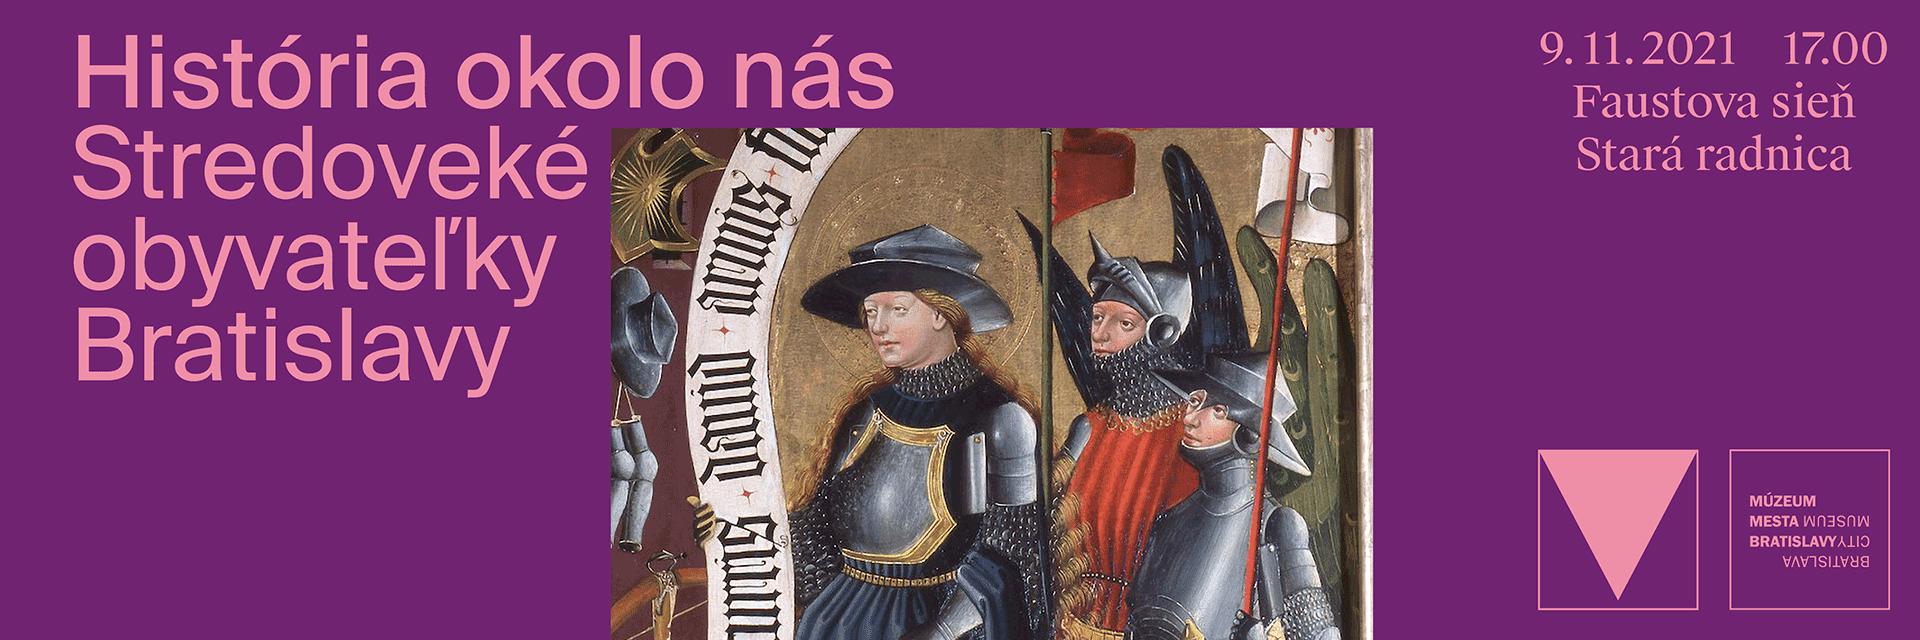 História okolo nás. Stredoveké obyvateľky Bratislavy